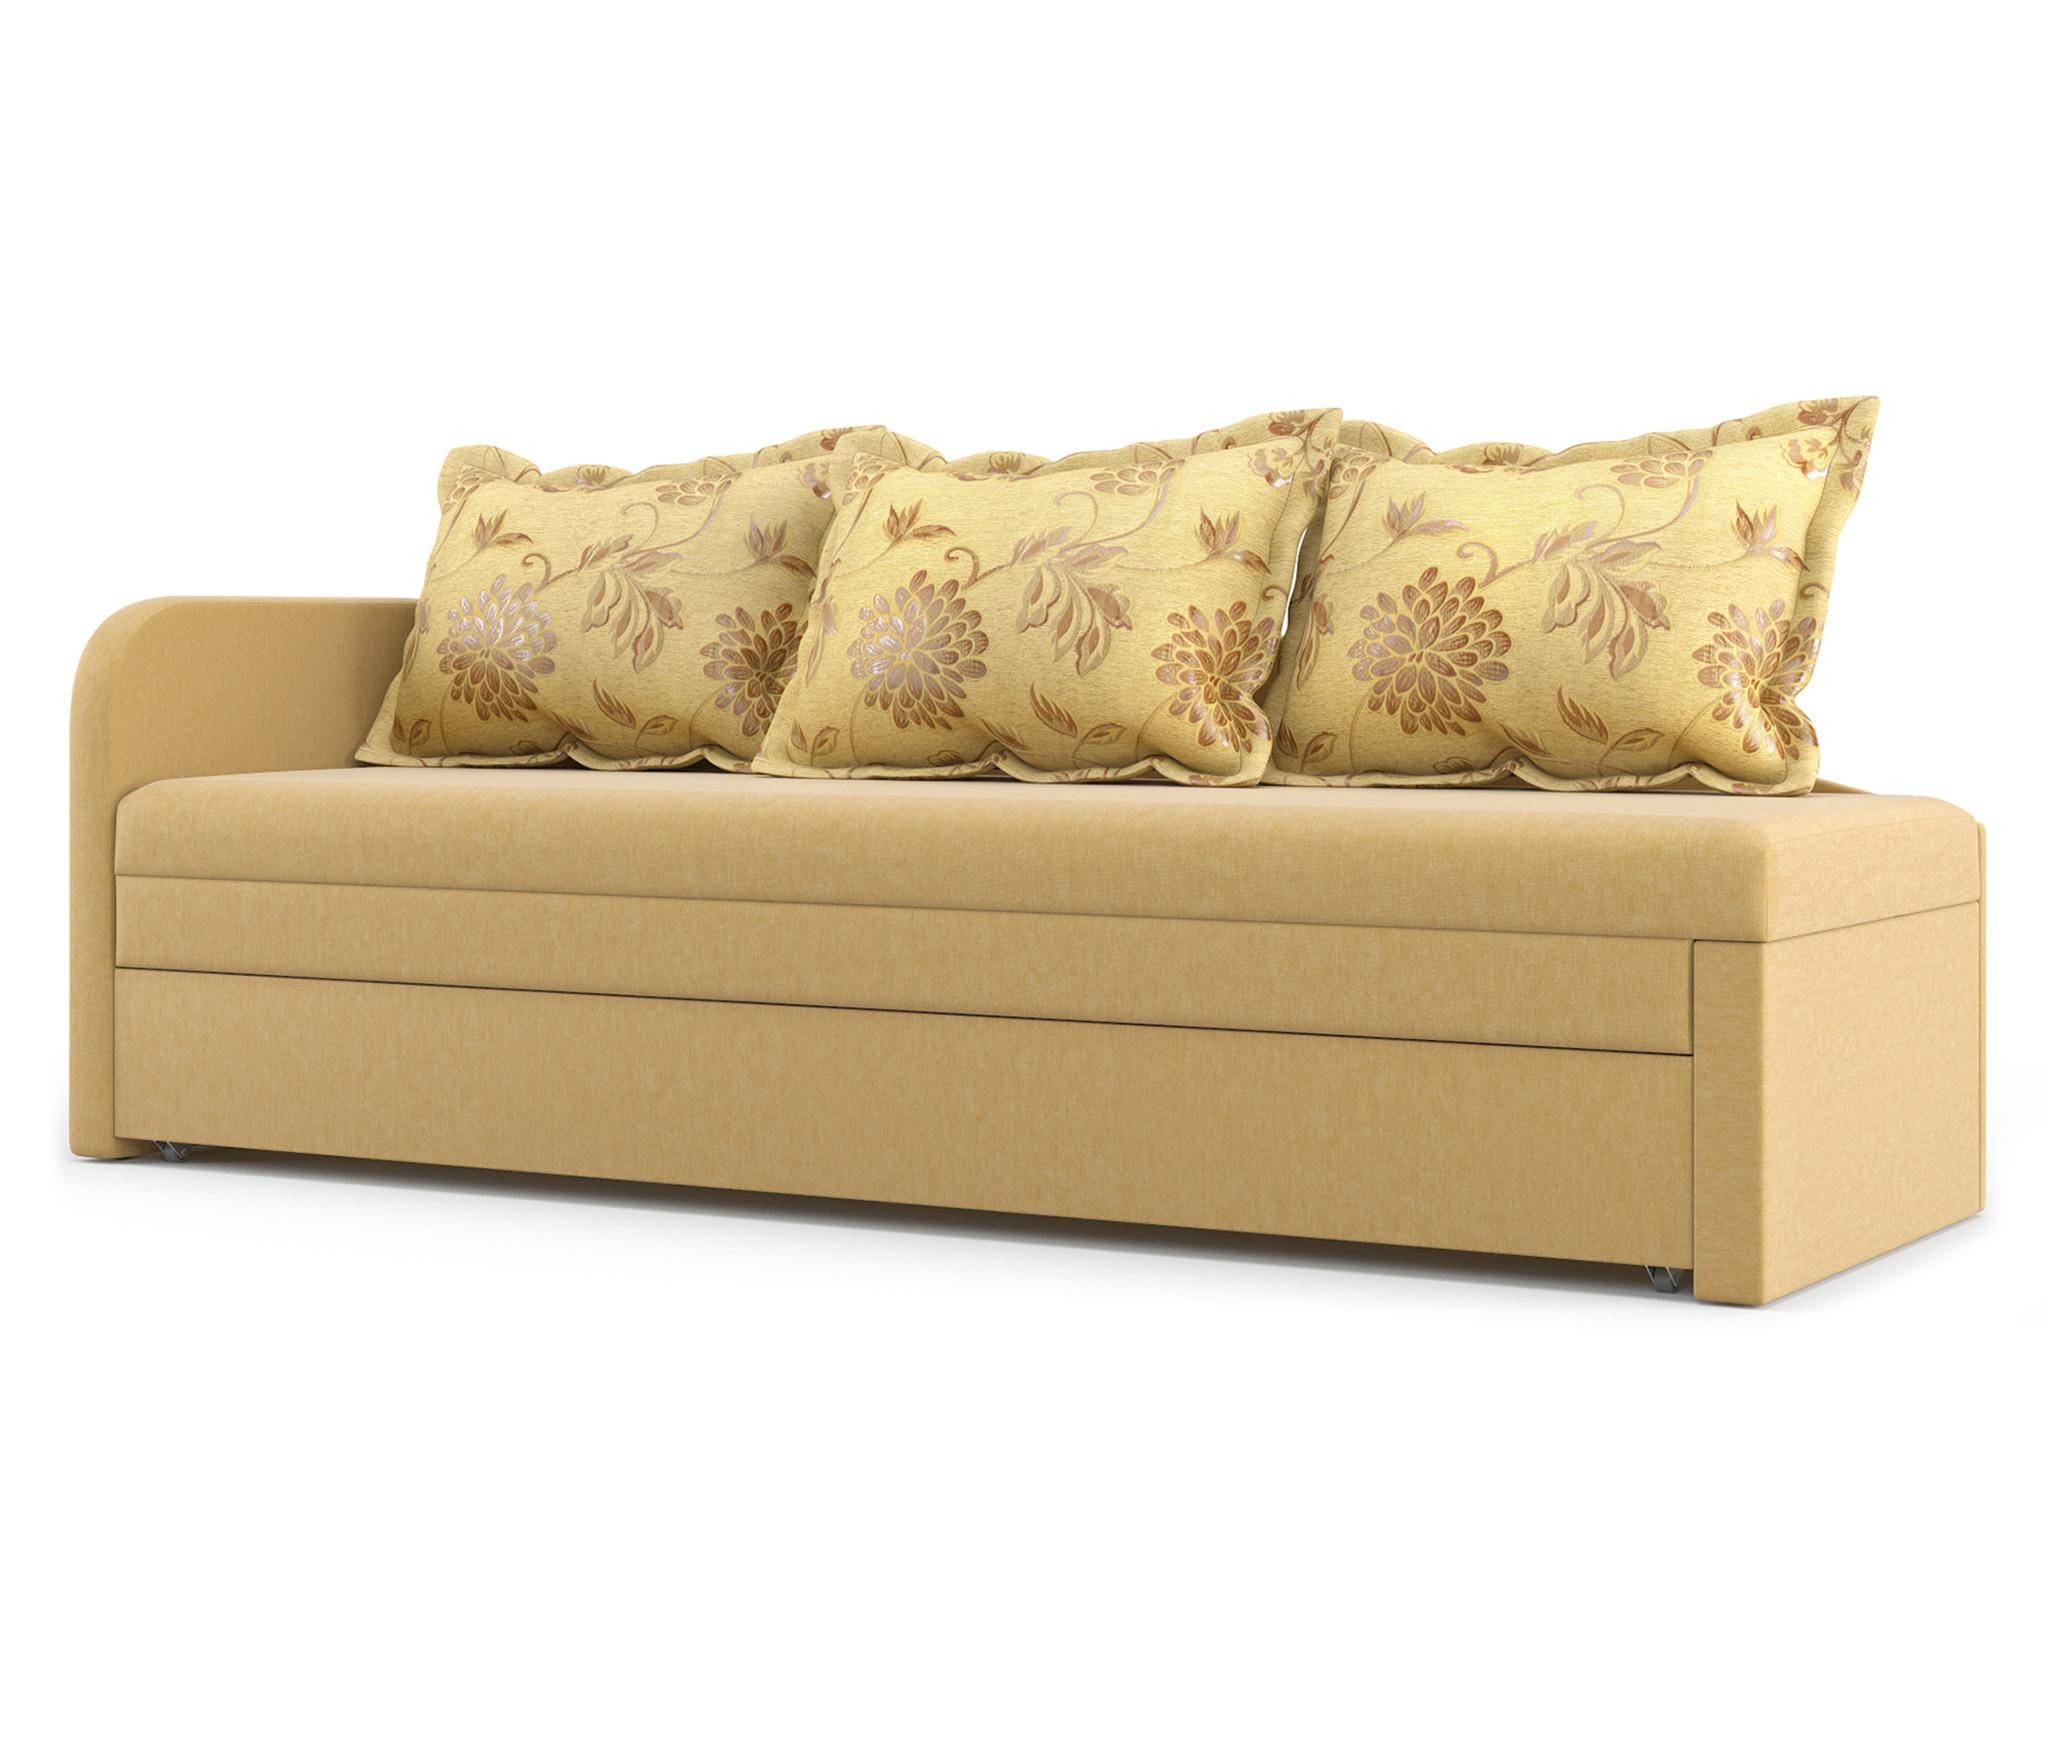 Верди диван-кровать УЛ Вега 4Мягкая мебель<br>Механизм трансформации: Софа&#13;Наличие ящика для белья: да&#13;Материал каркаса: Массив, ЛДСП, Фанера&#13;Размер спального места: 1300х1900 мм&#13;Высота сиденья от пола: 43см.]]&gt;<br><br>Длина мм: 2000<br>Высота мм: 800<br>Глубина мм: 750